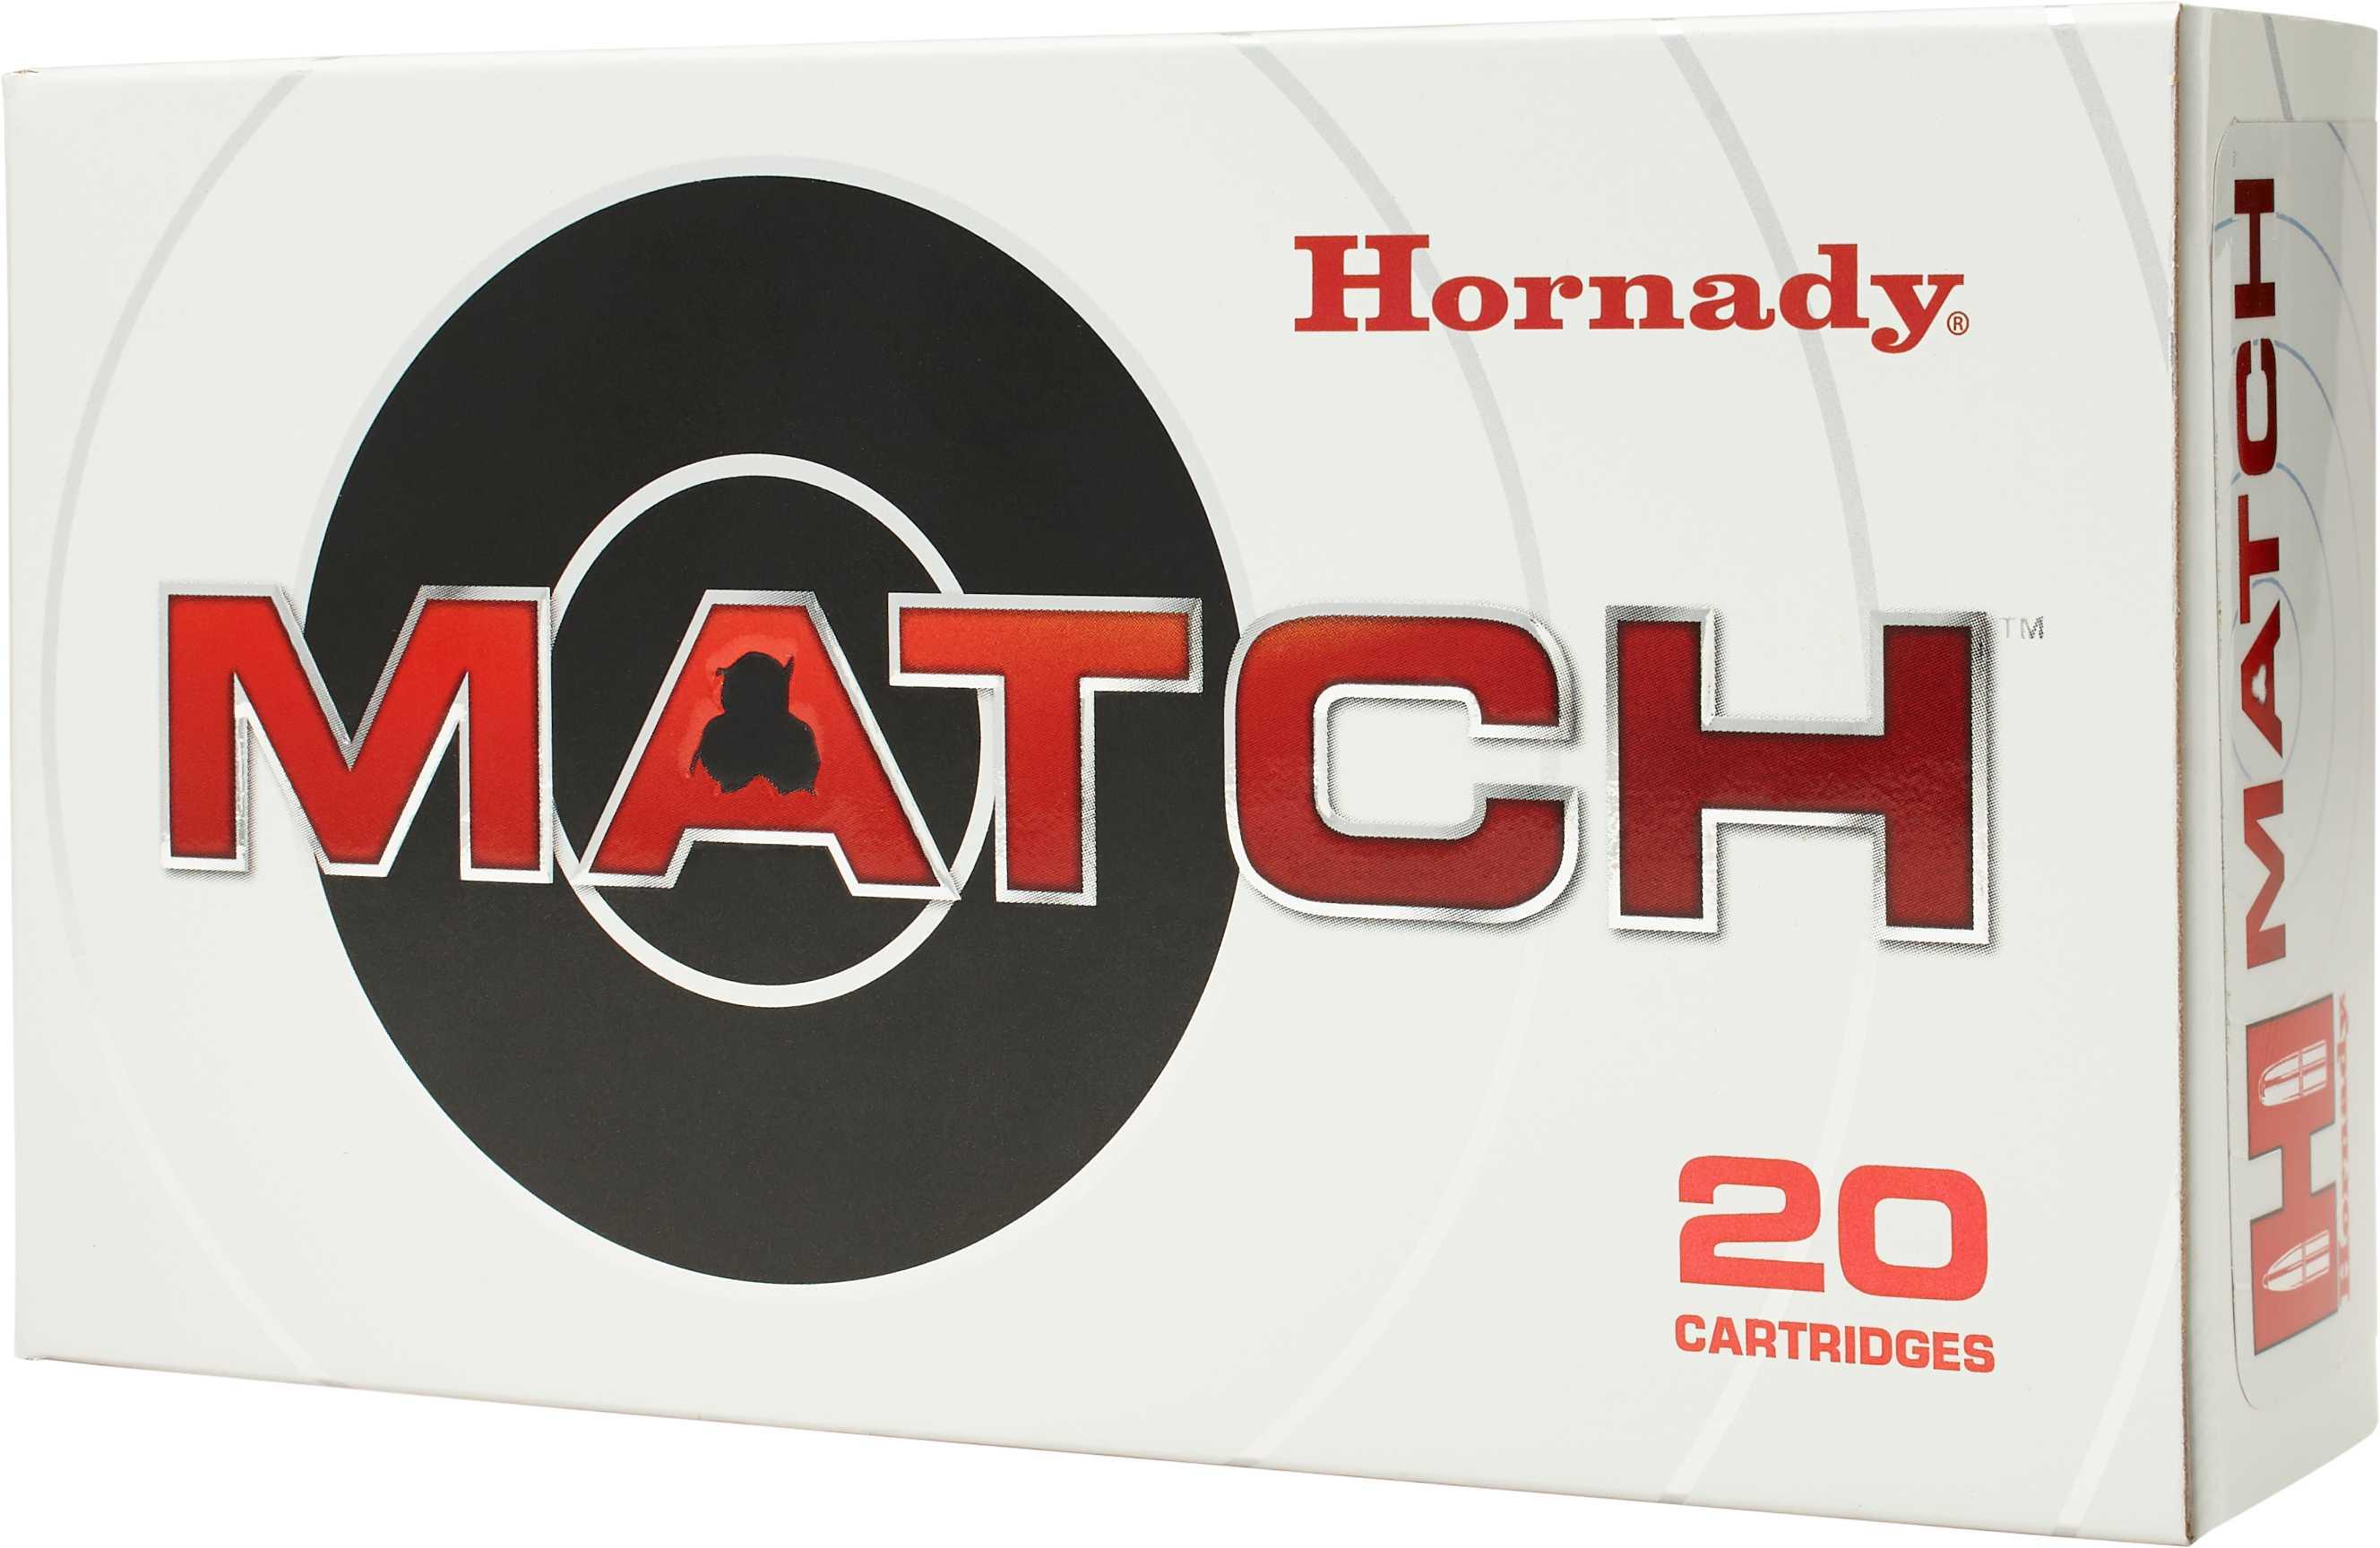 Hornady ELD Match 6.5 Creedmoor 140 Grain Ammunition 20 Rounds Per Box